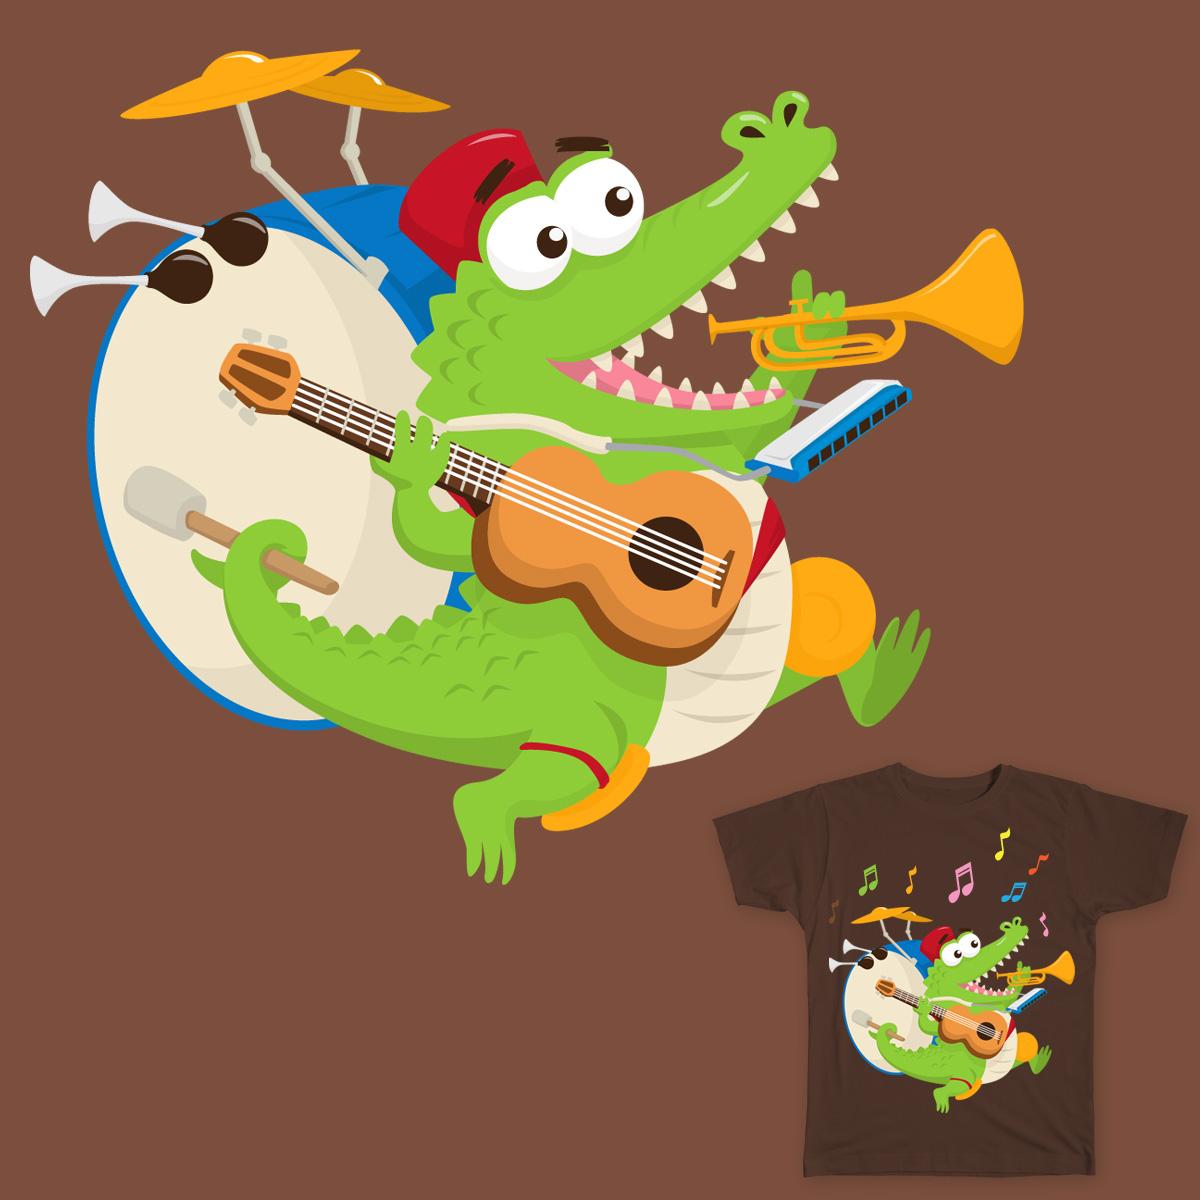 One Gator Band by b4kp4u on Threadless